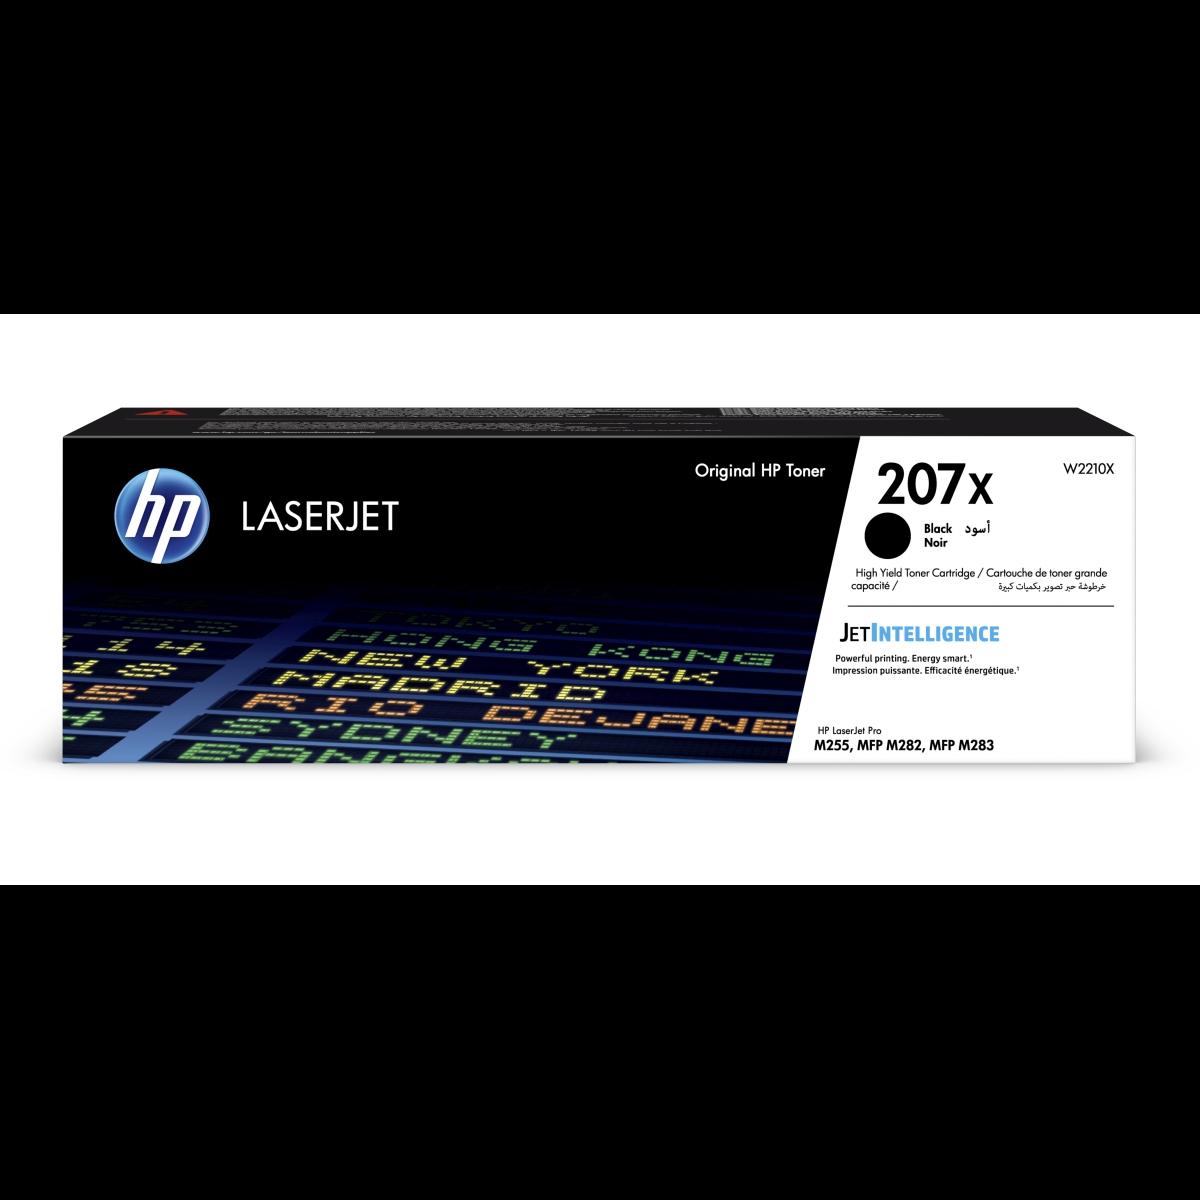 Toner HP 207X, HP W2210X - originálny (Čierny)